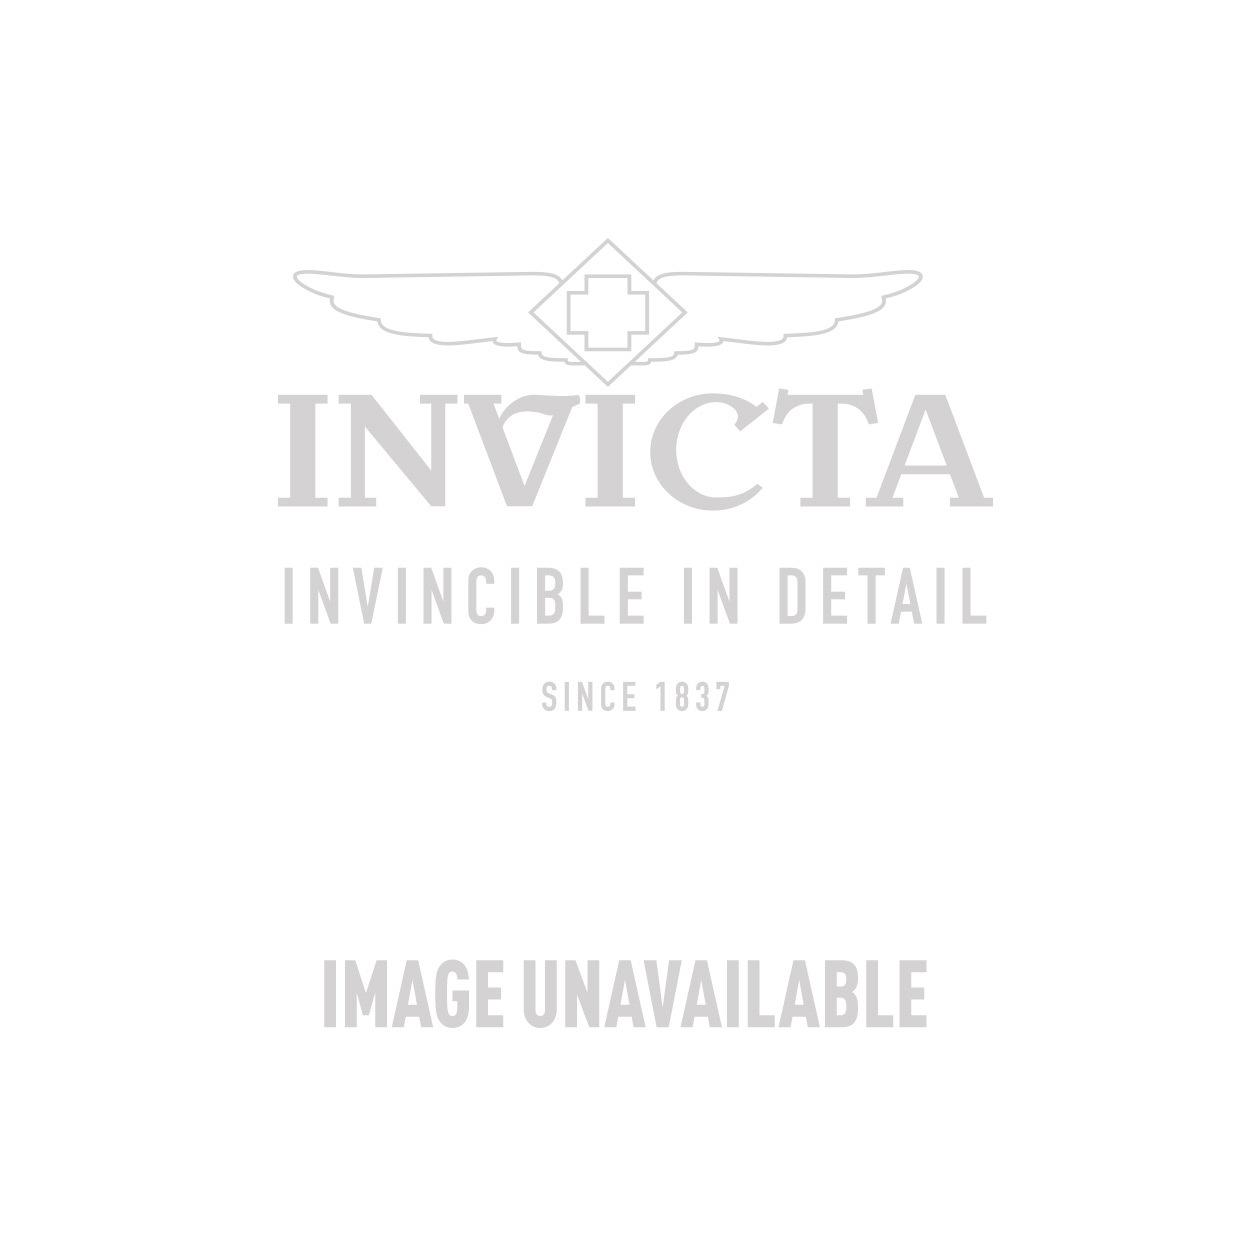 Invicta Model 27500